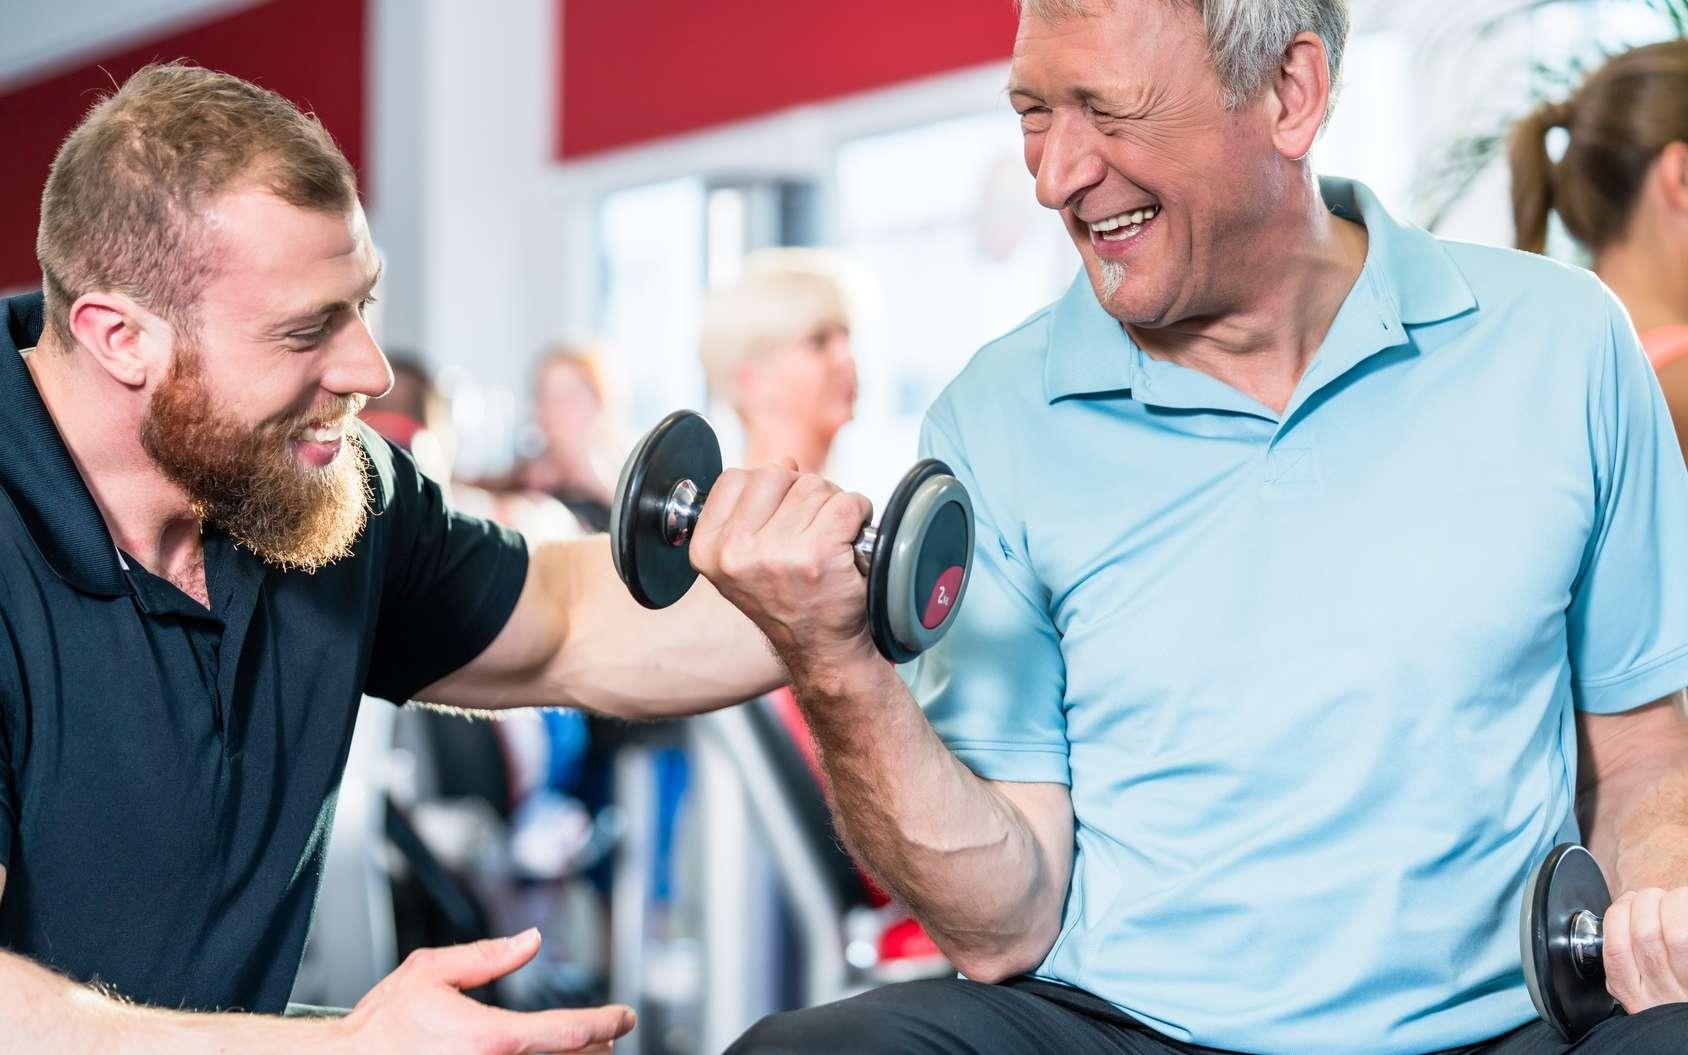 En soulevant des poids pendant moins d'une heure par semaine, on réduit son risque de crise cardiaque et d'AVC. © Kzenon, Fotolia